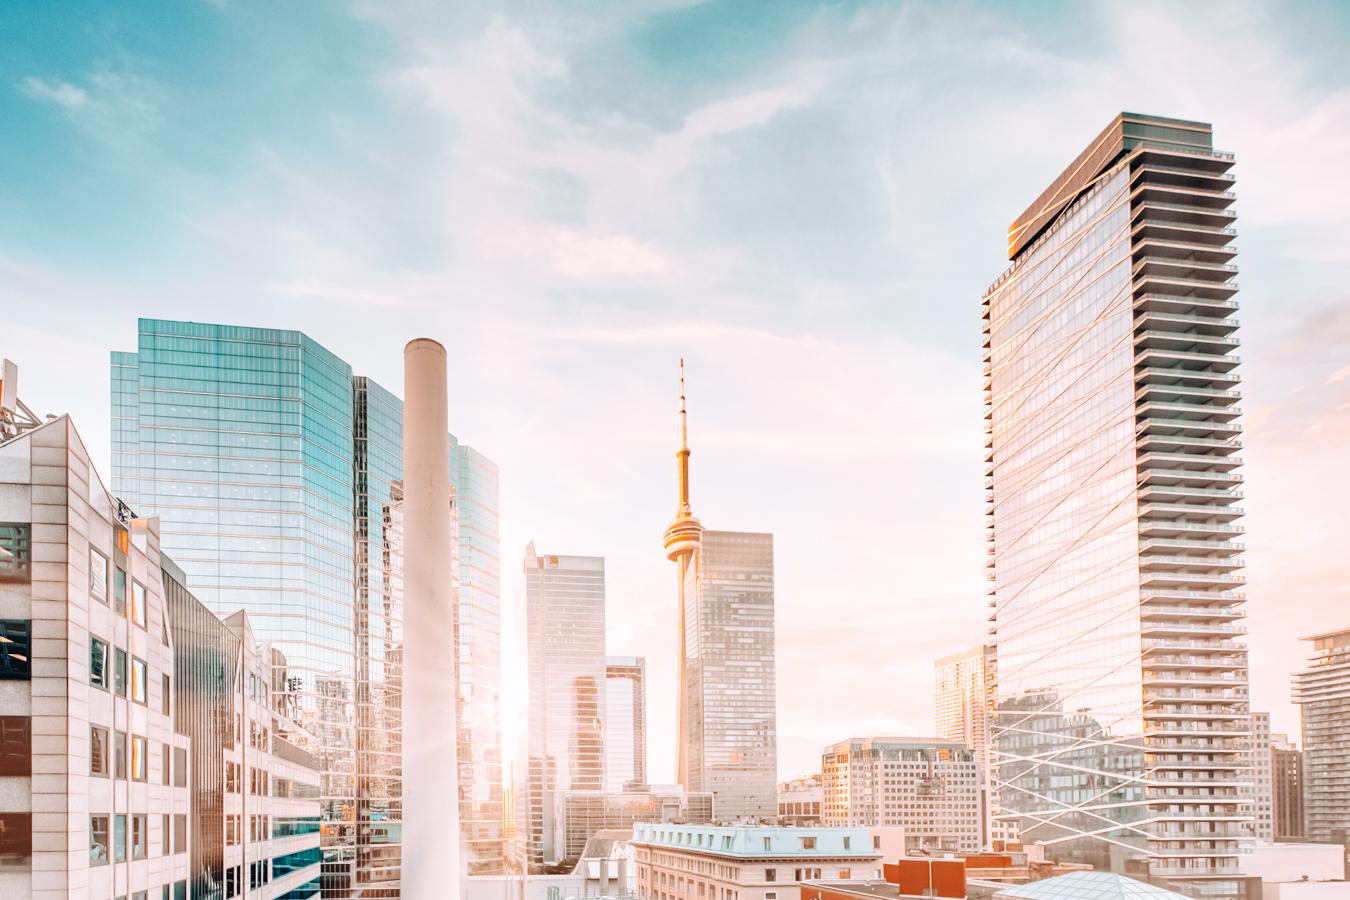 Buildings in Toronto